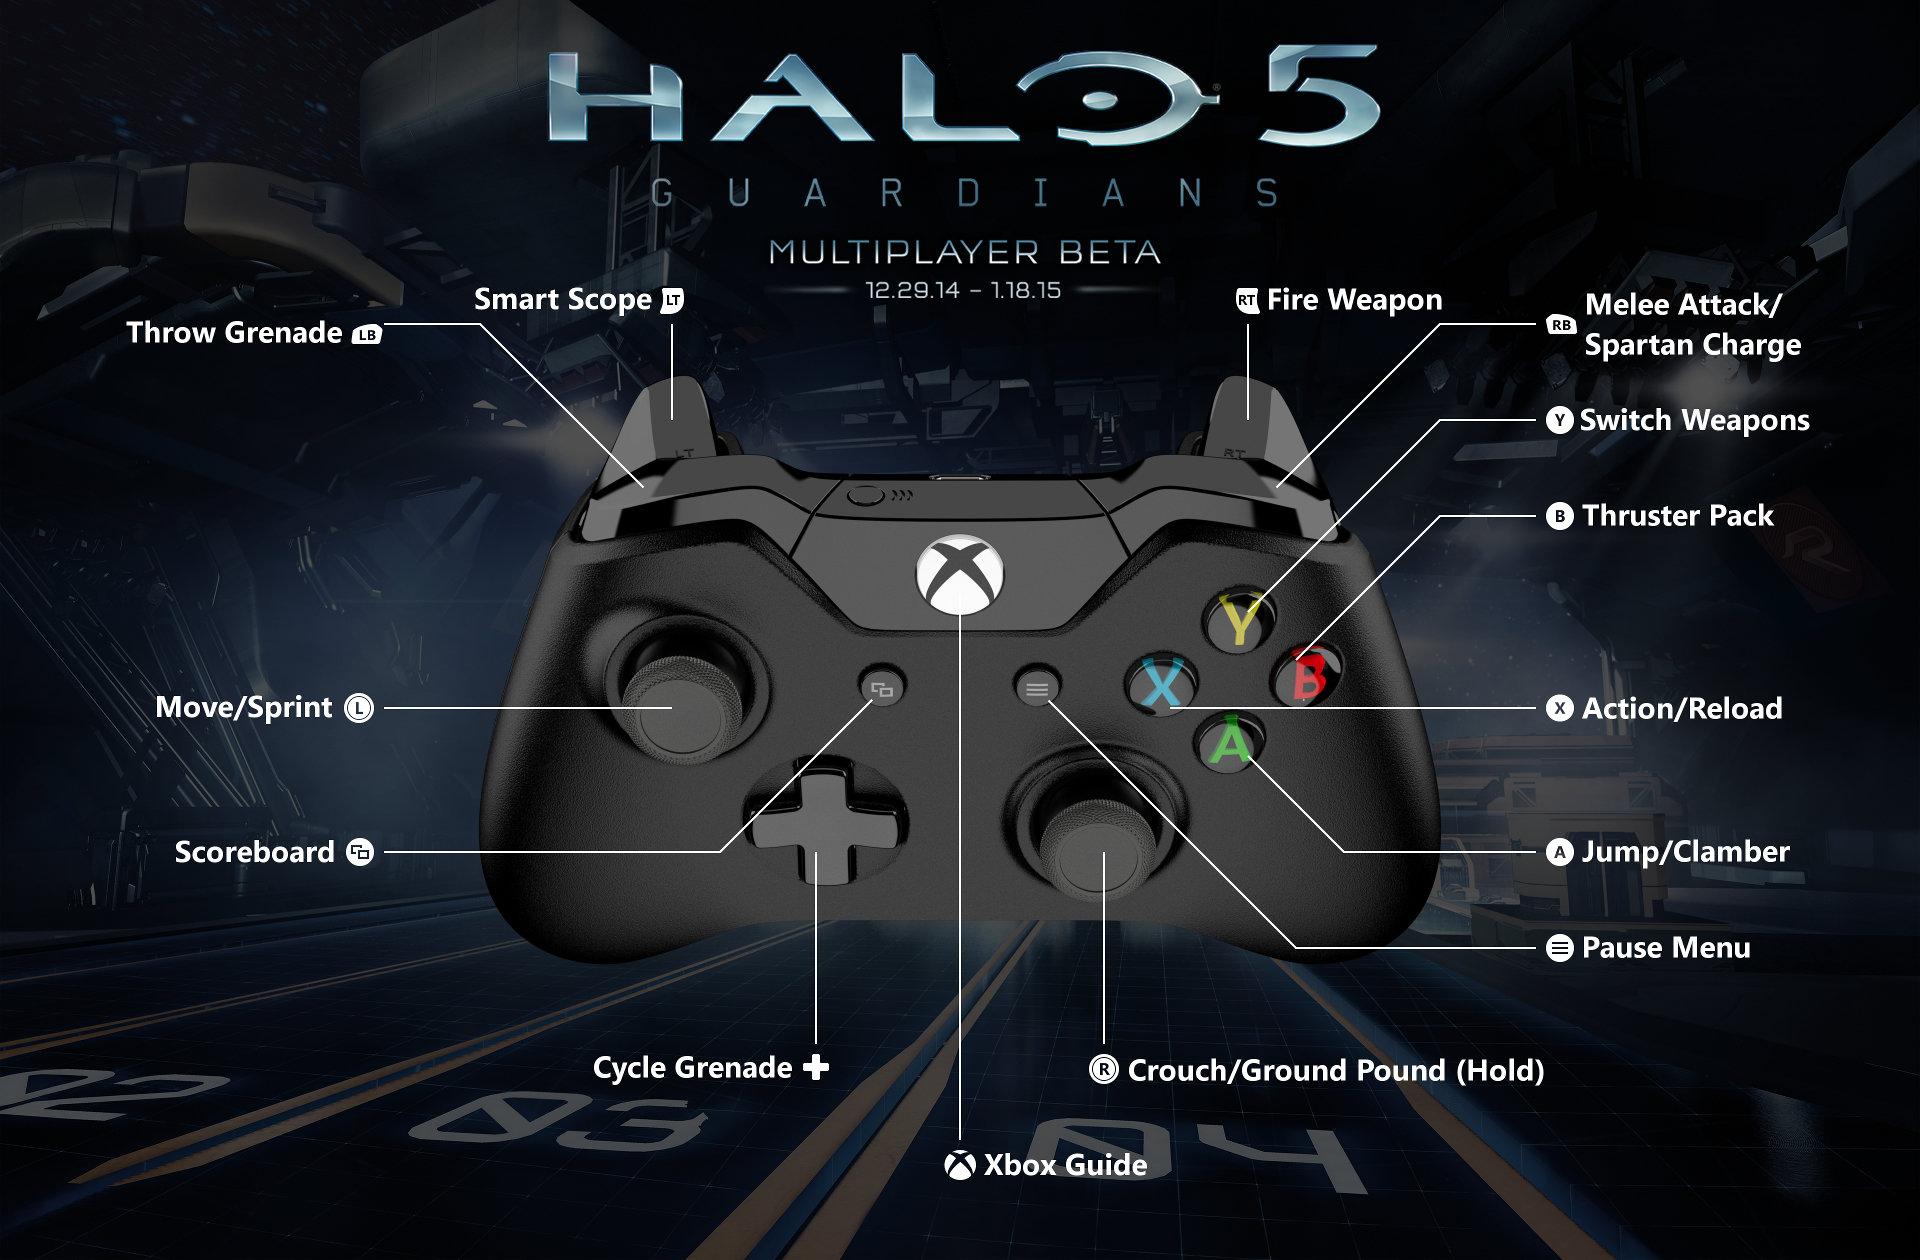 Halo 5 and E3